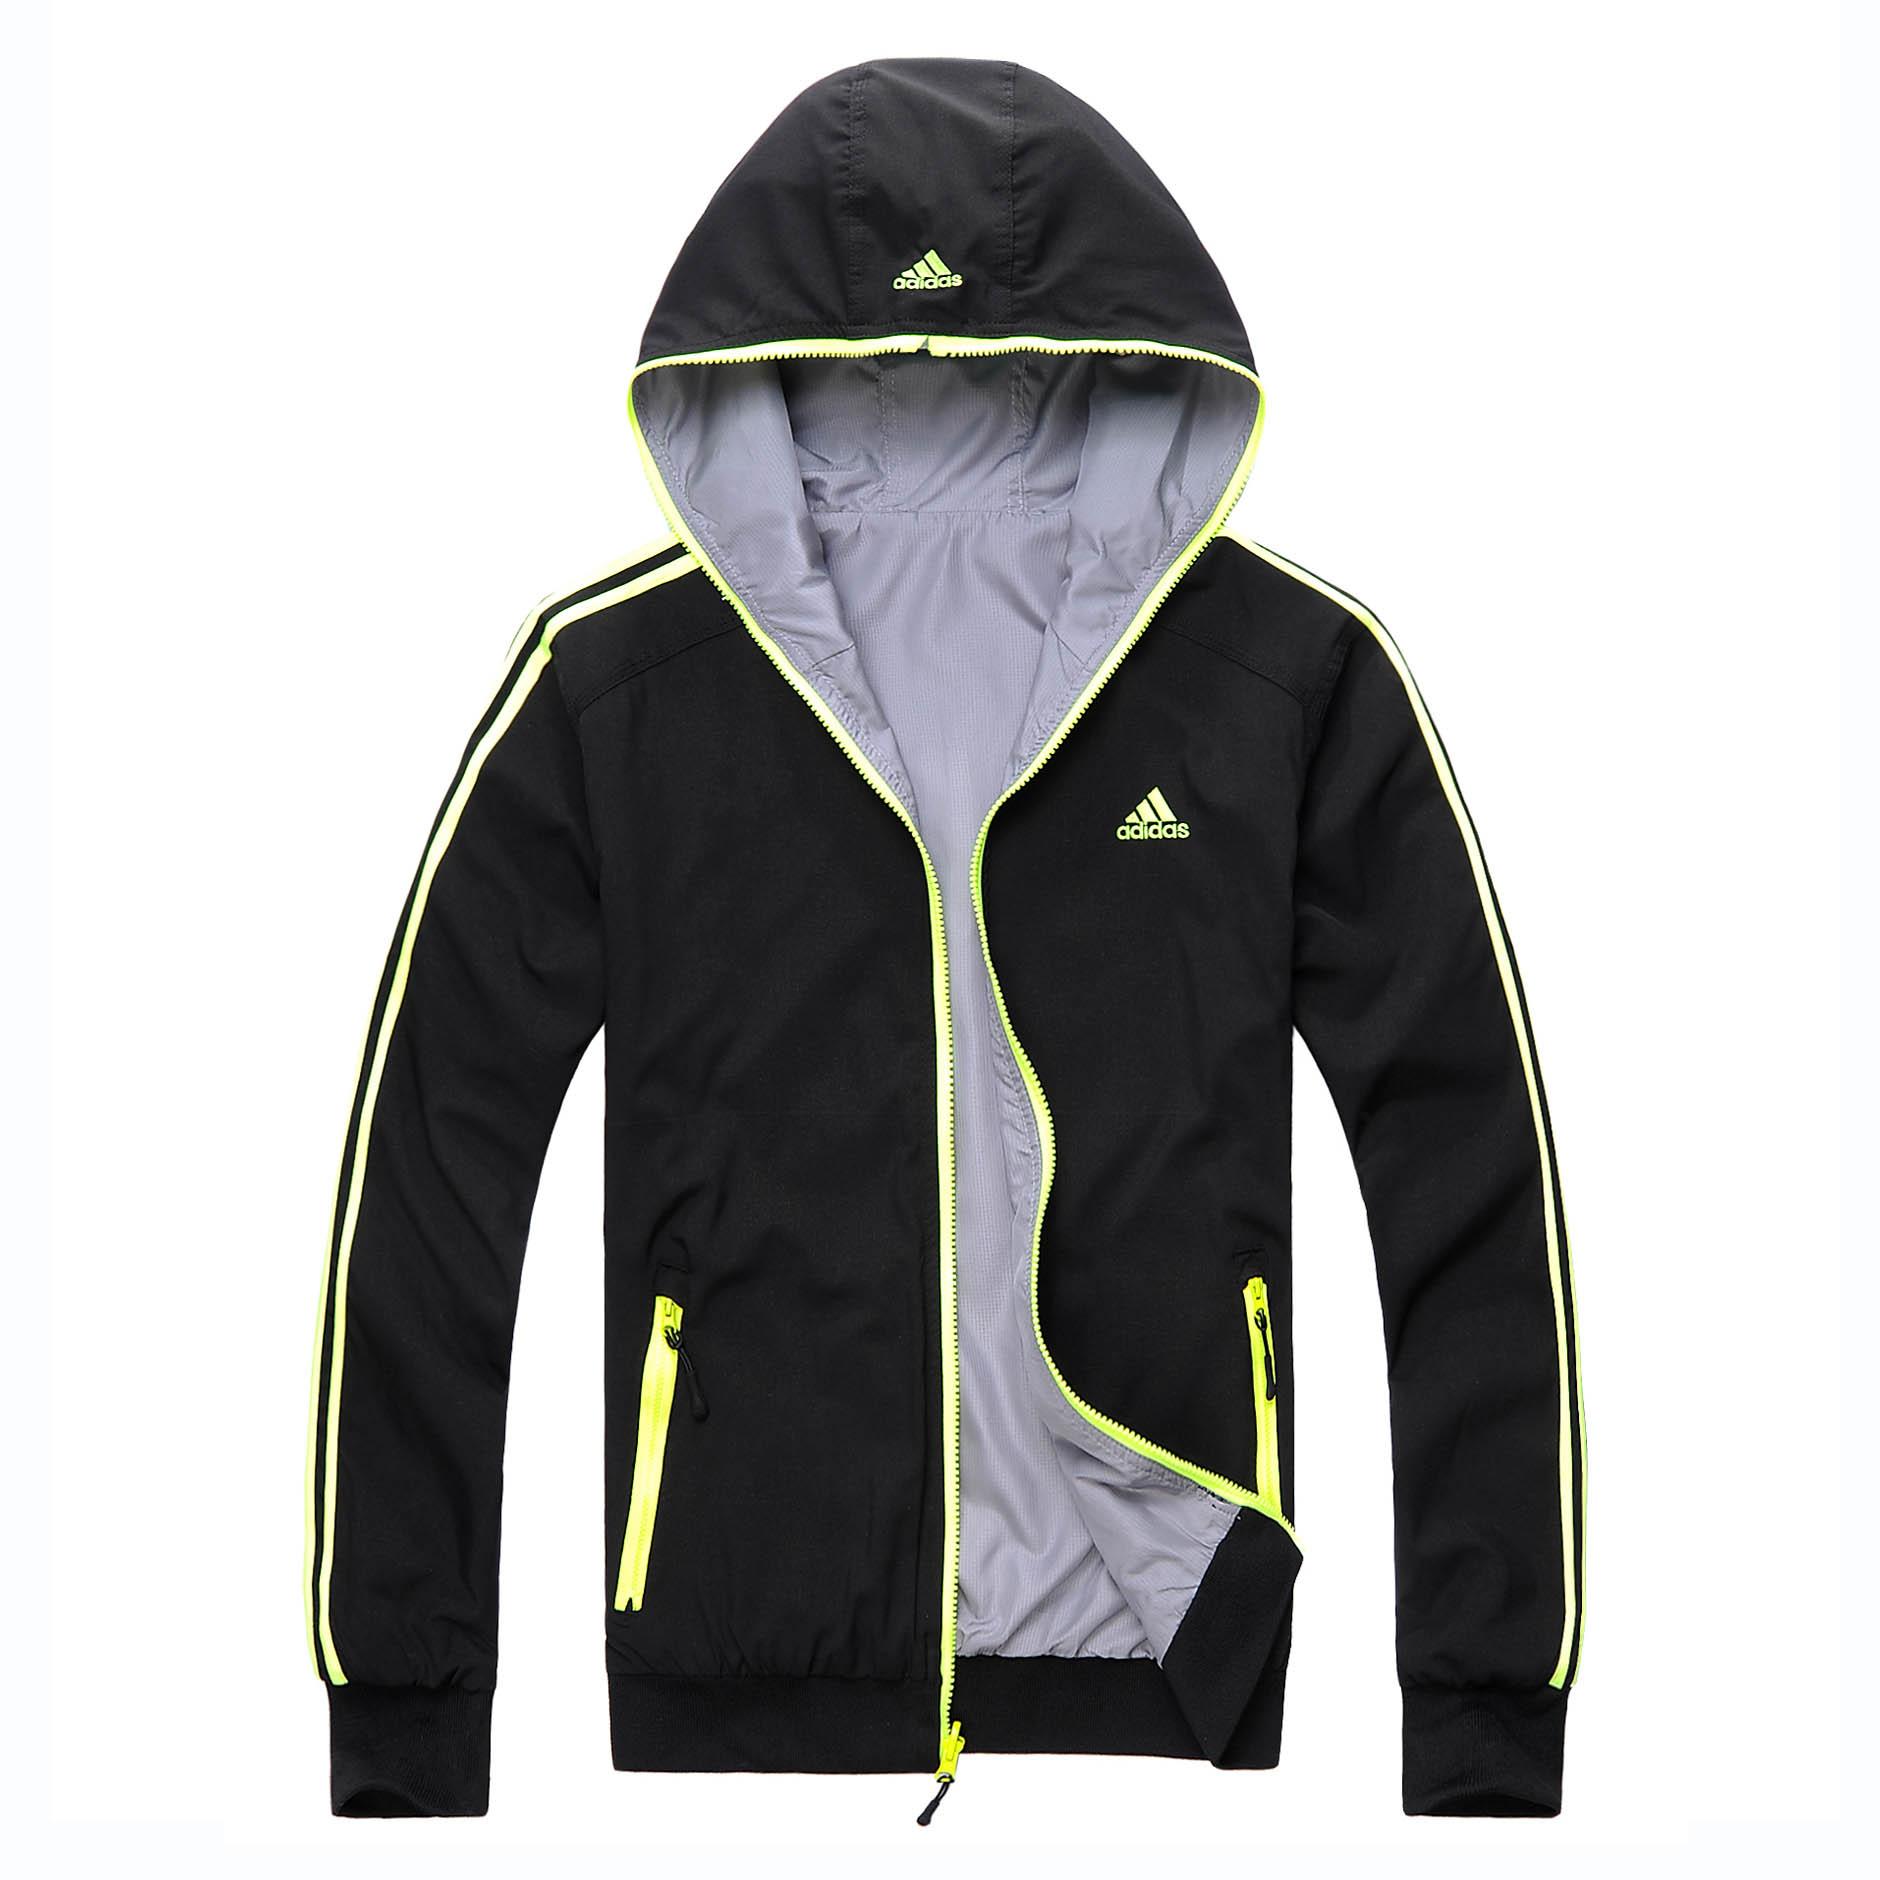 Спортивная одежда дешево китай